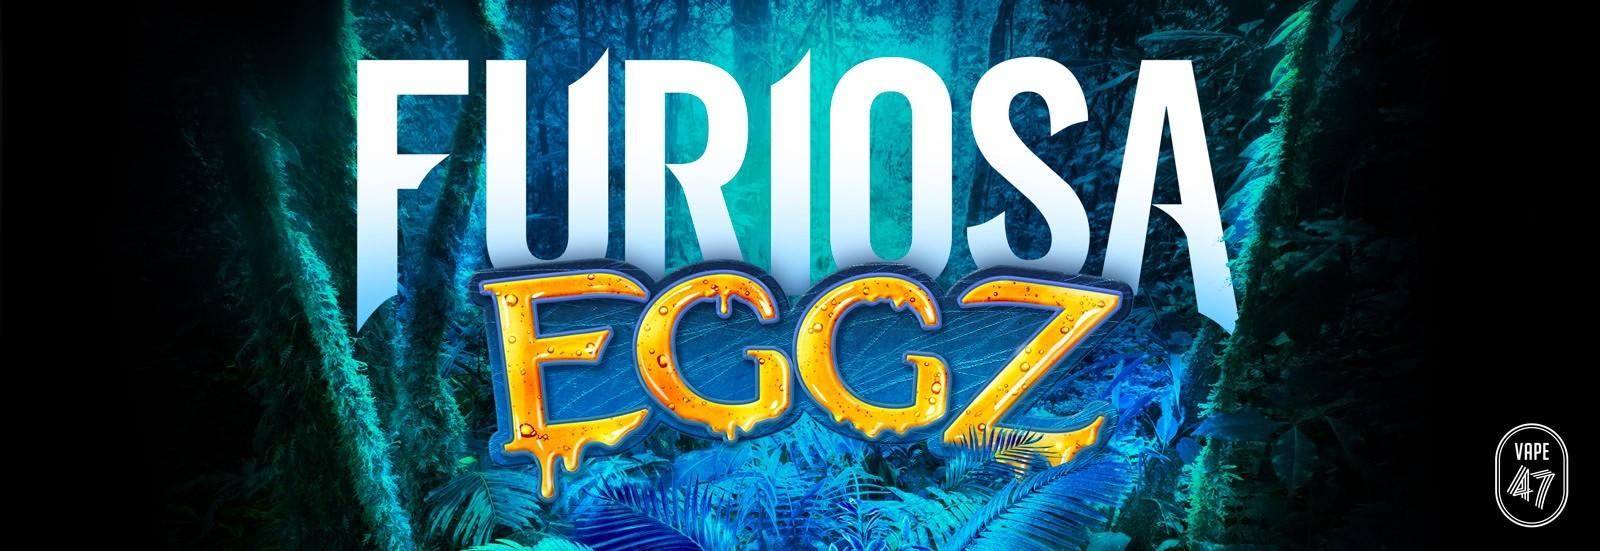 E-liquide Furisa Eggz 50ml